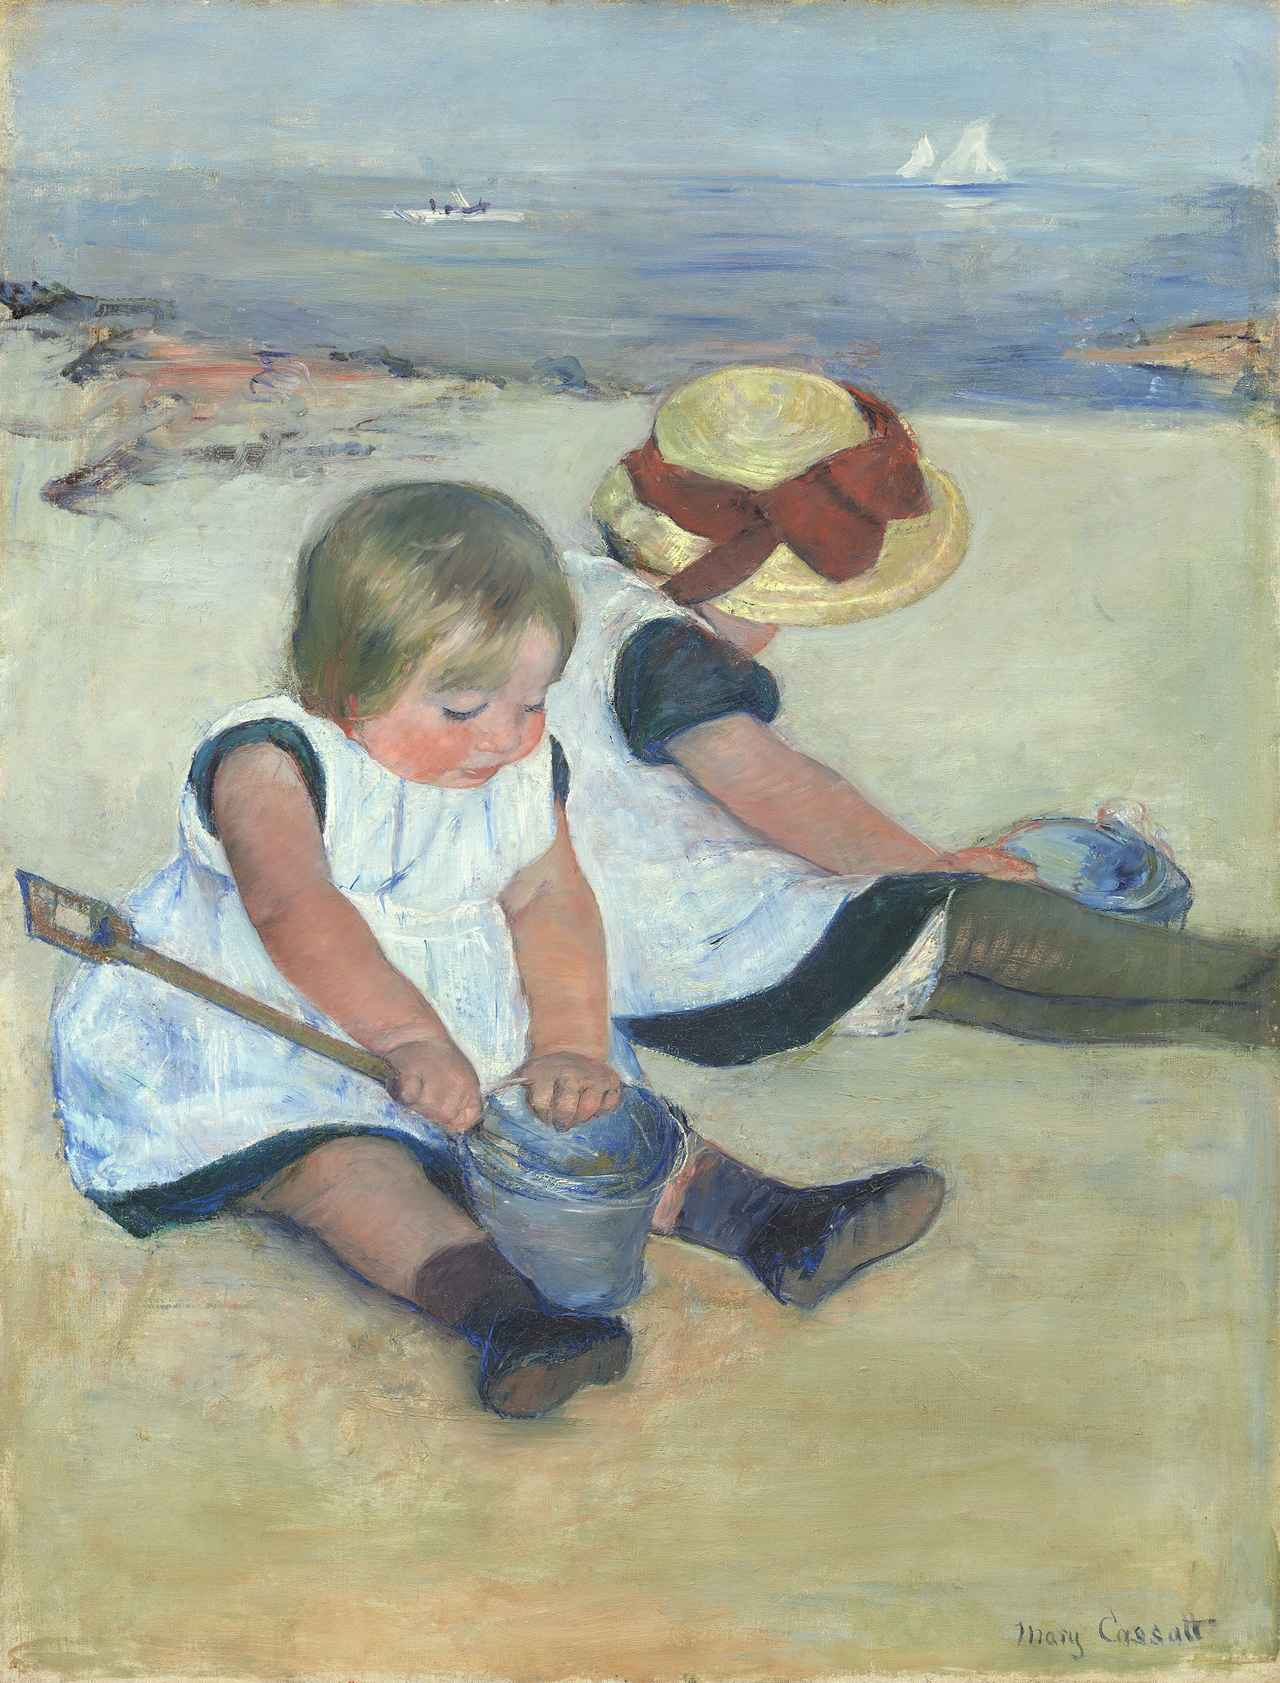 画像: 《浜辺で遊ぶ子どもたち》1884年 油彩、カンヴァス 97.4×74.2cm ワシントン・ナショナル・ギャラリー蔵 National Gallery of Art, Washington, Ailsa Mellon Bruce Collection, 1970.17.19